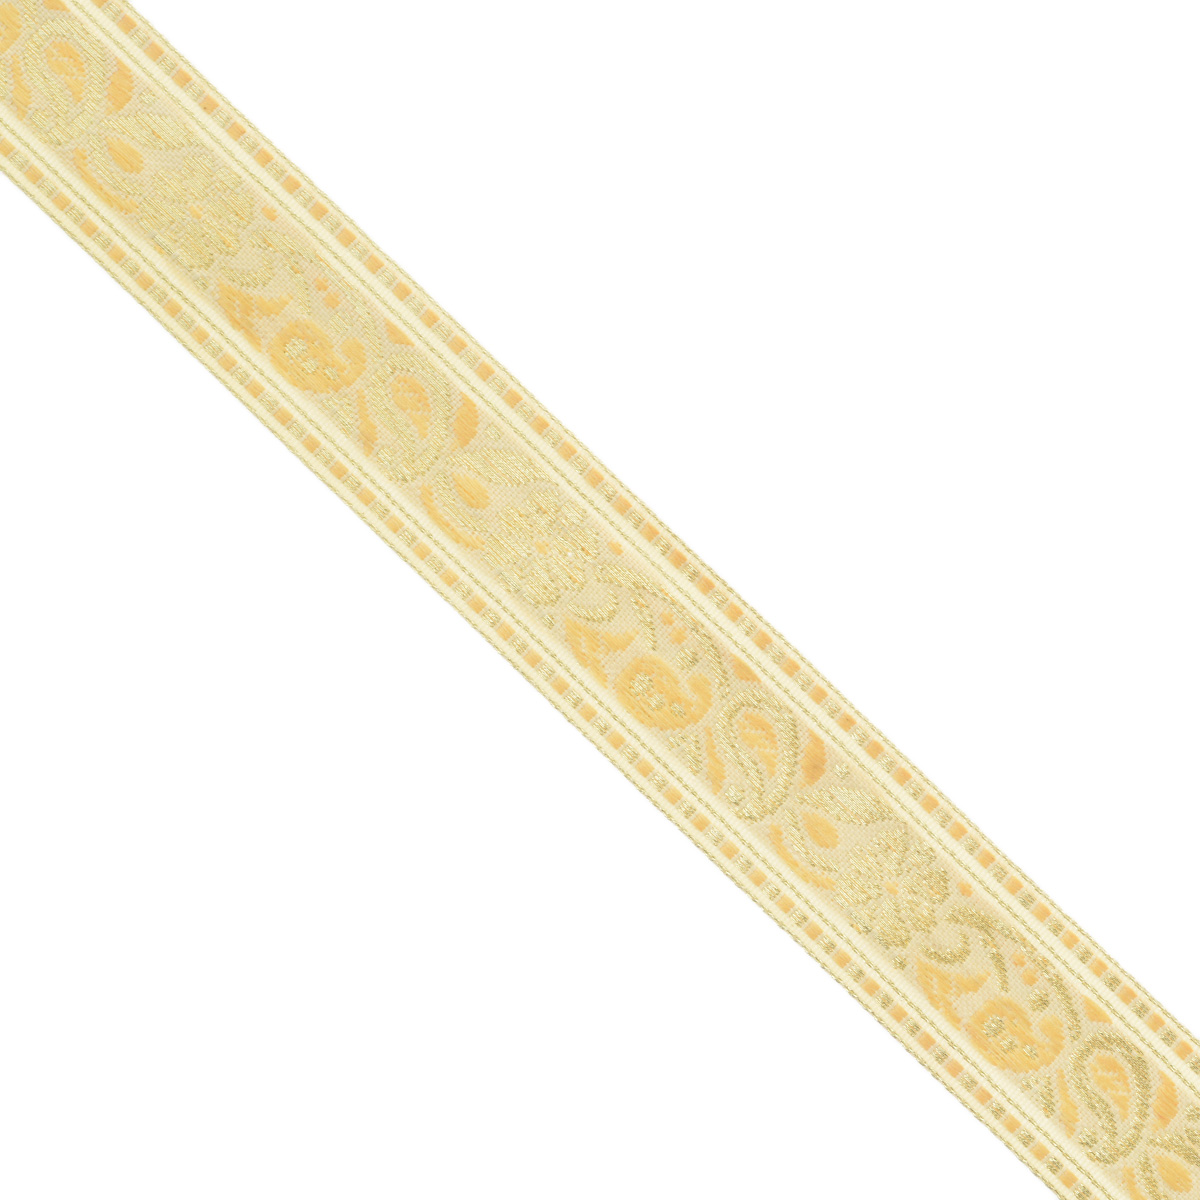 Тесьма декоративная Астра, цвет: бежевый (А32), ширина 2,5 см, длина 16,4 м. 77033267703326_A32Декоративная тесьма Астра выполнена из текстиля и оформлена оригинальным орнаментом. Такая тесьма идеально подойдет для оформления различных творческих работ таких, как скрапбукинг, аппликация, декор коробок и открыток и многое другое. Тесьма наивысшего качества и практична в использовании. Она станет незаменимым элементом в создании рукотворного шедевра. Ширина: 2,5 см.Длина: 16,4 м.